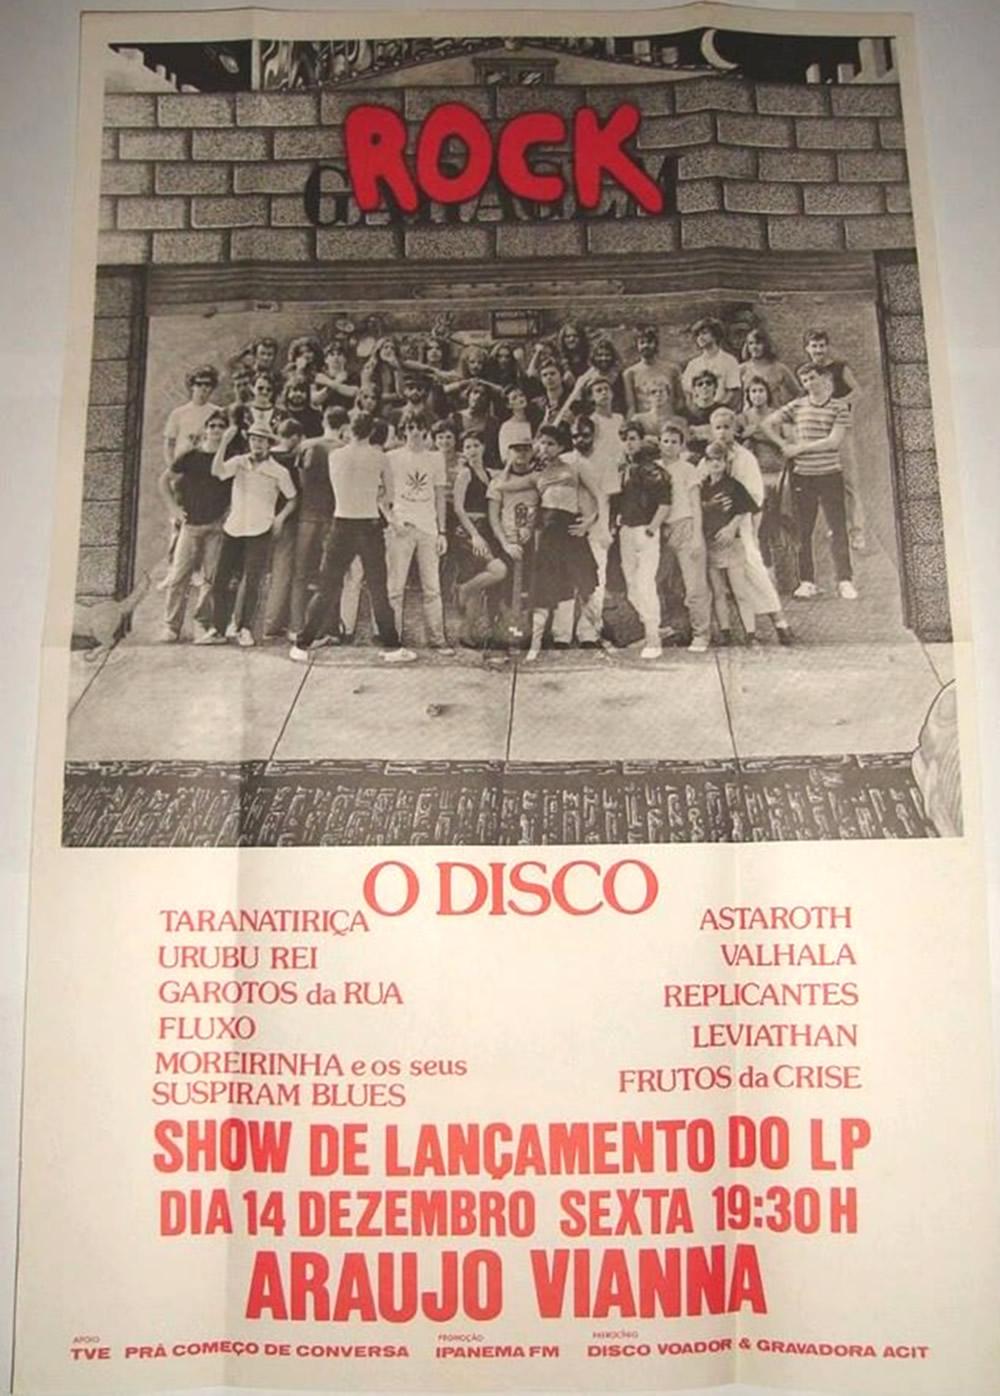 [ACERVO] Poster do show de lançamento do LP Rock Garagem no Araújo Vianna.